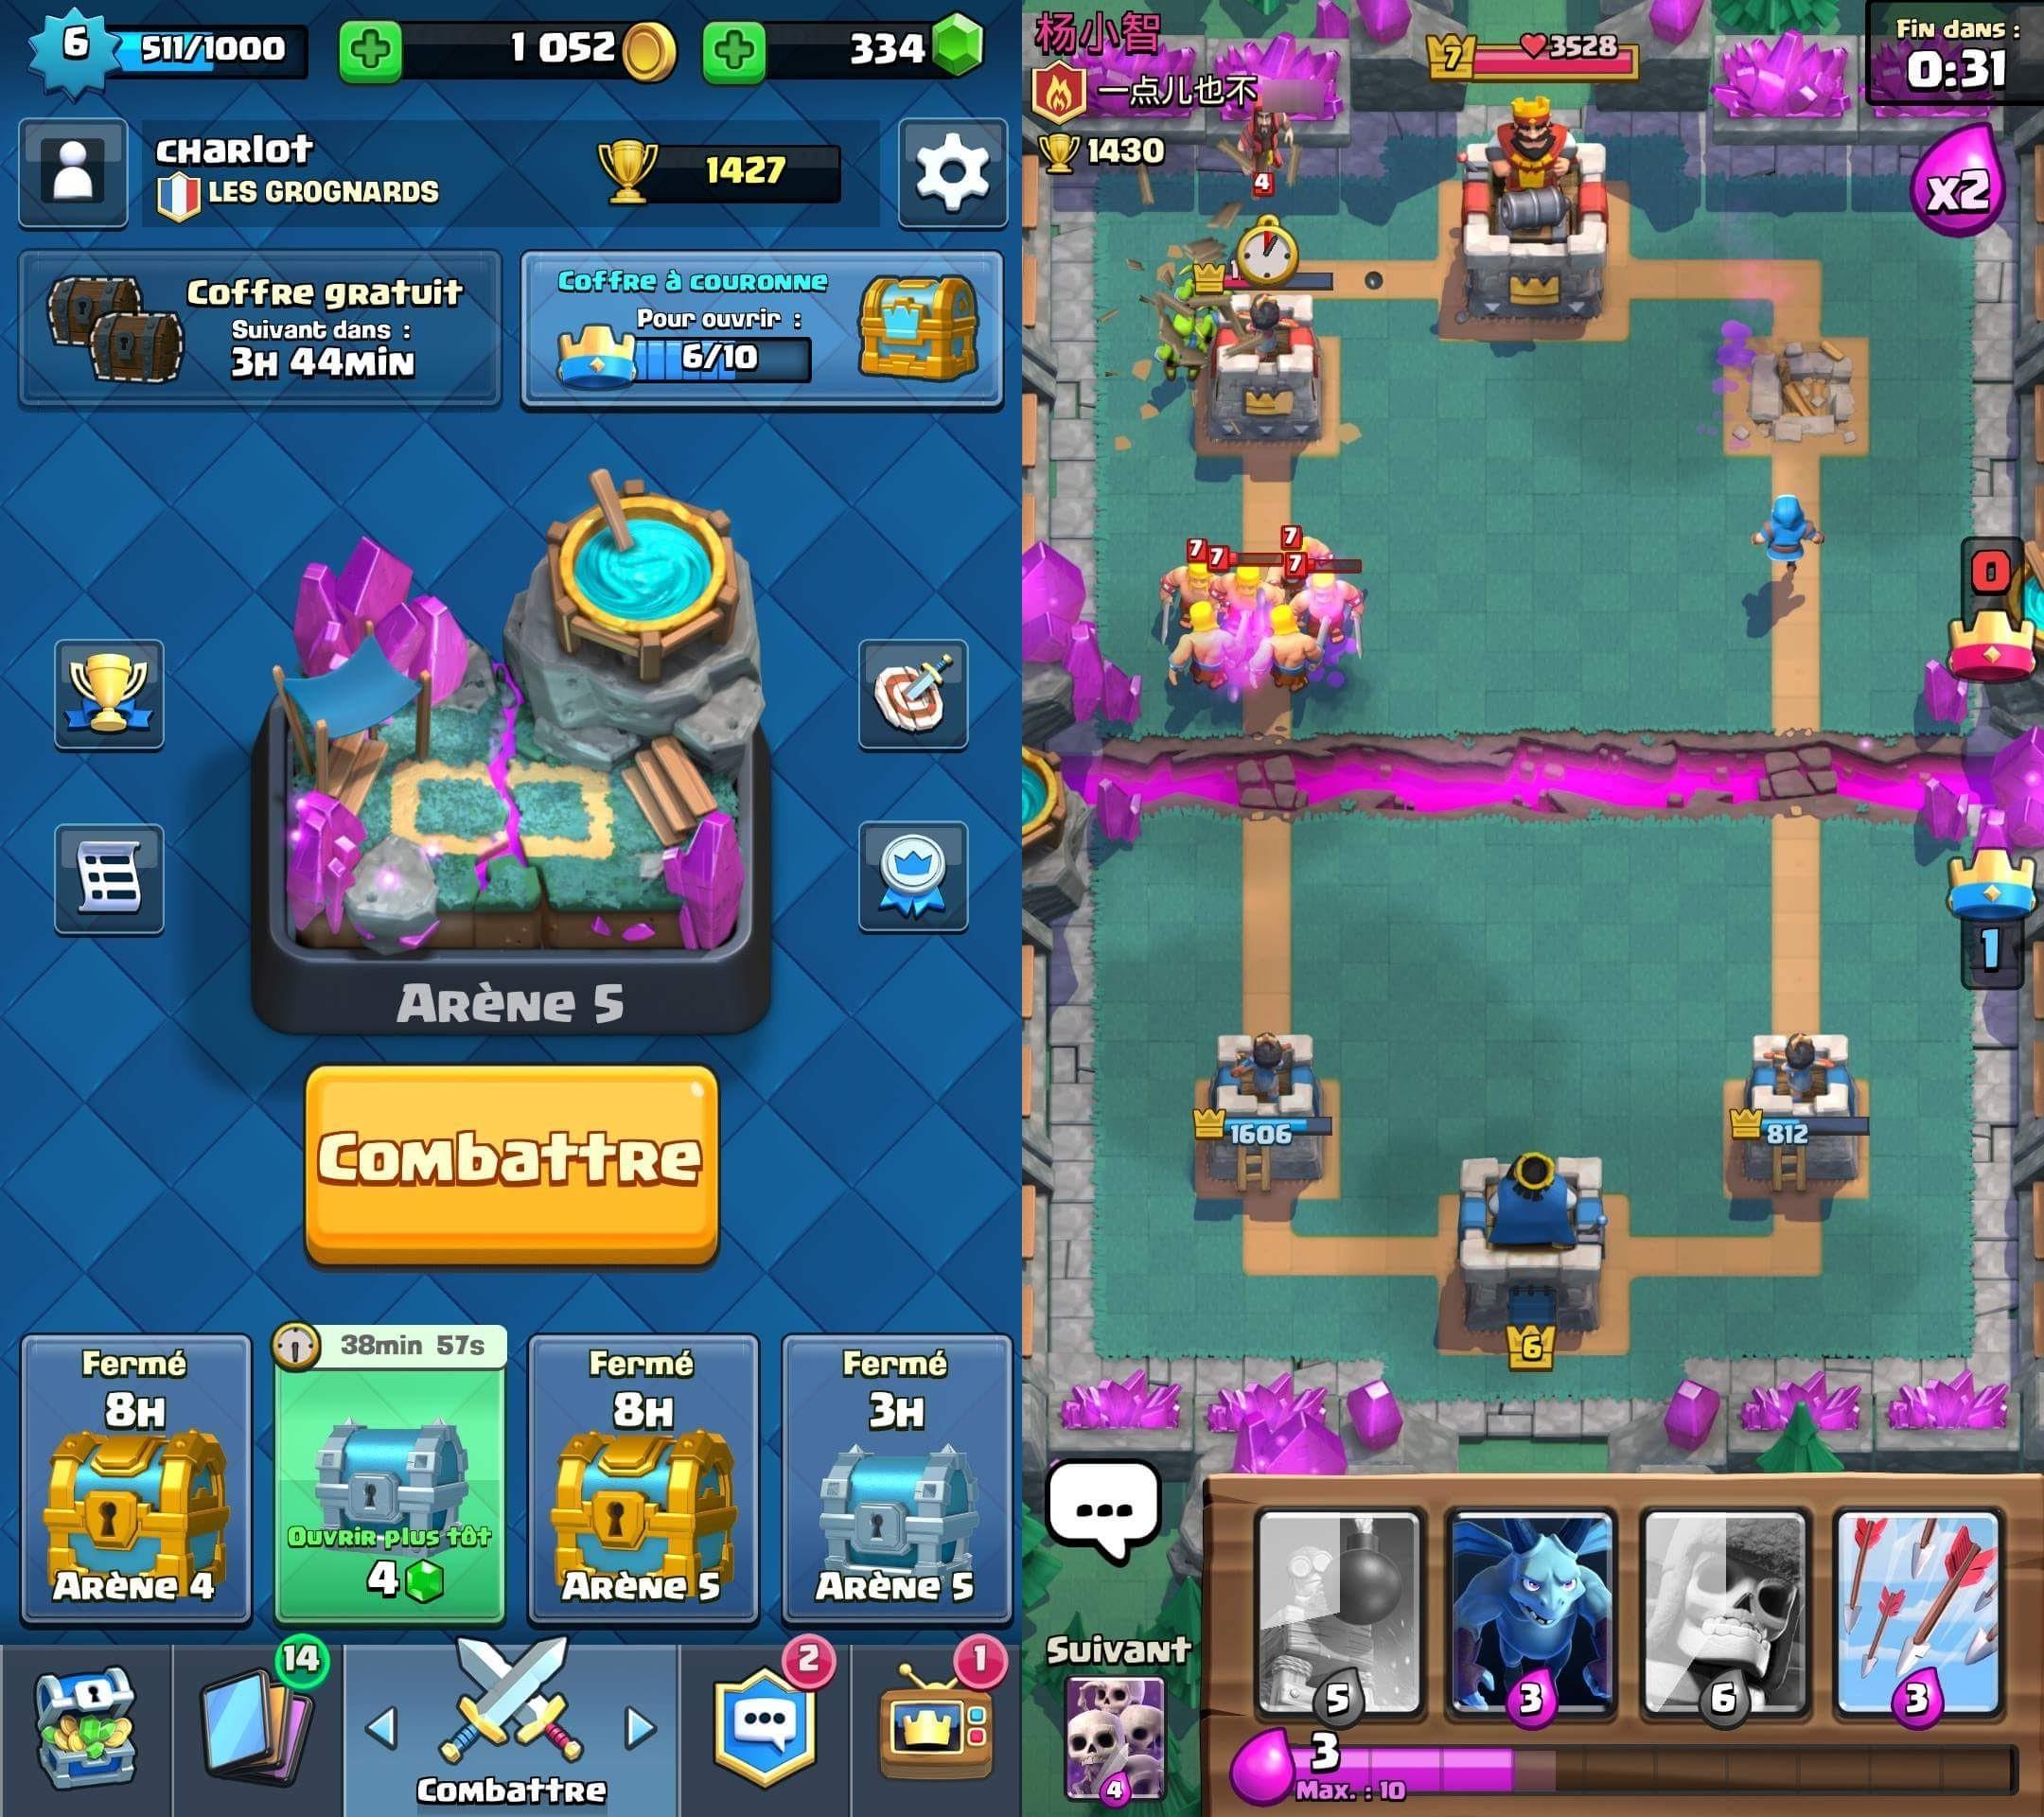 Les Meilleurs Jeux Gratuits Pour Android destiné Tout Les Jeux Gratuit En Ligne